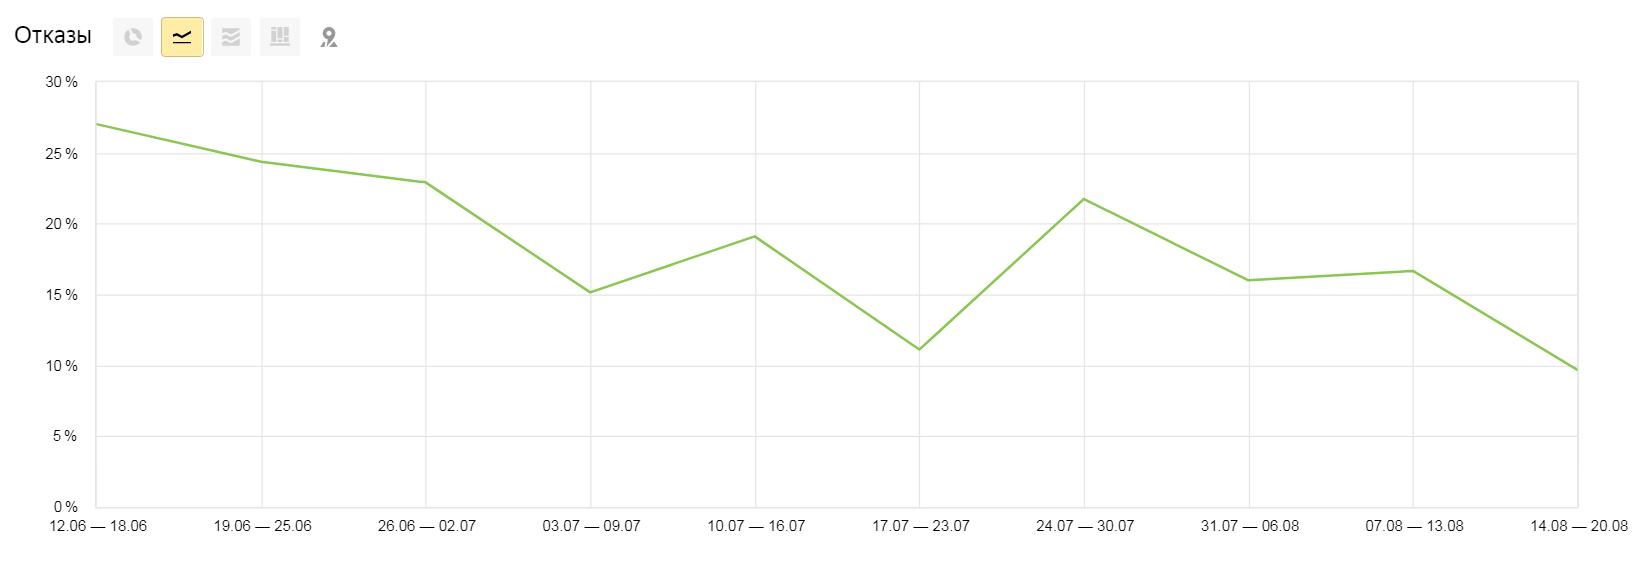 Показатели отказов сайта enilandshop.ru